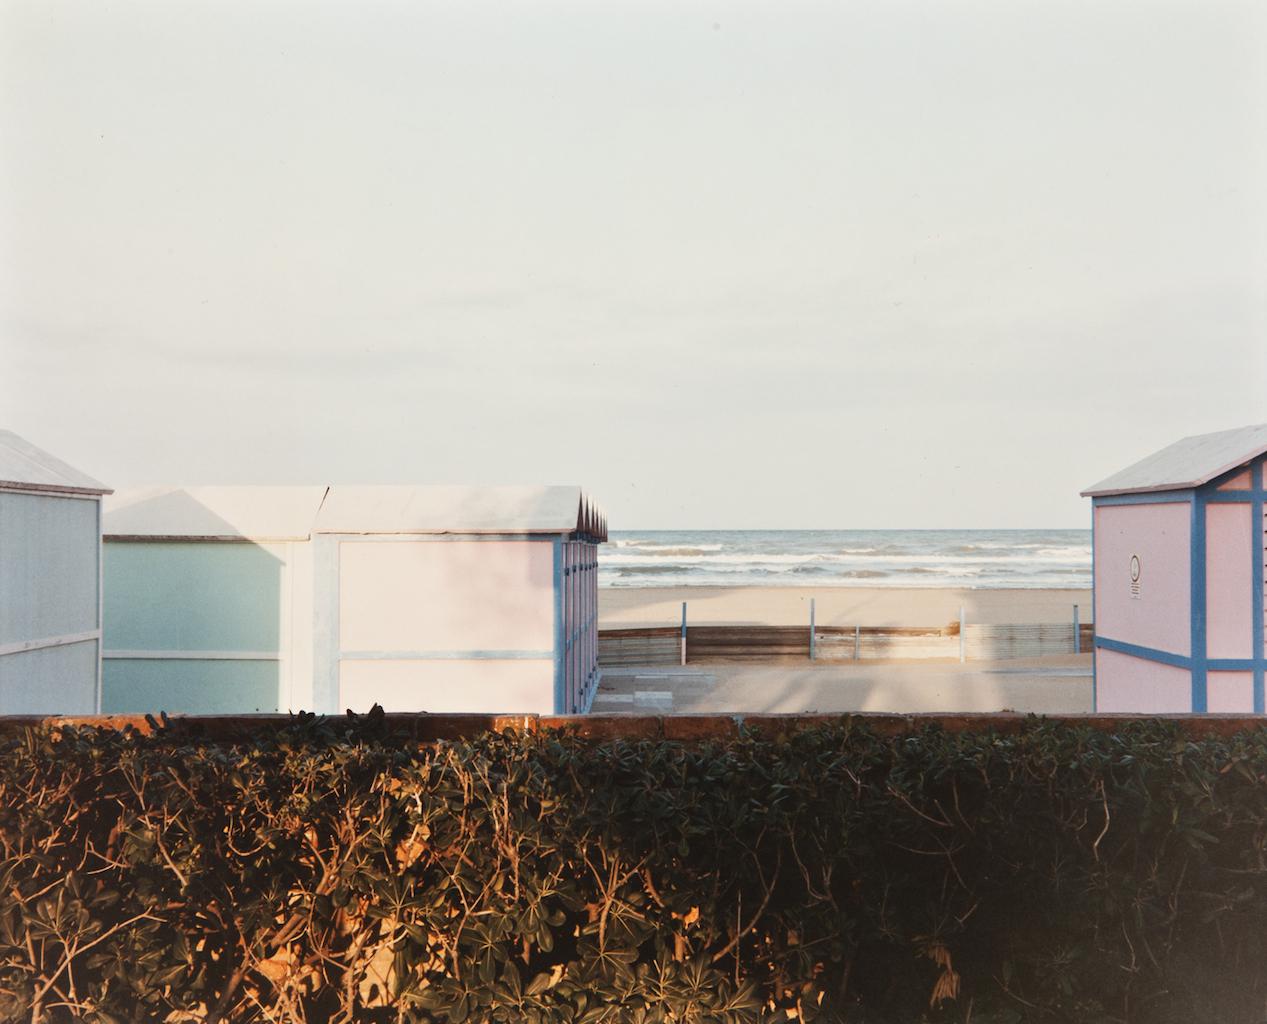 Luigi Ghirri, Riccione, 1984, da: Paesaggio italiano 1984, Collezione MAXXI